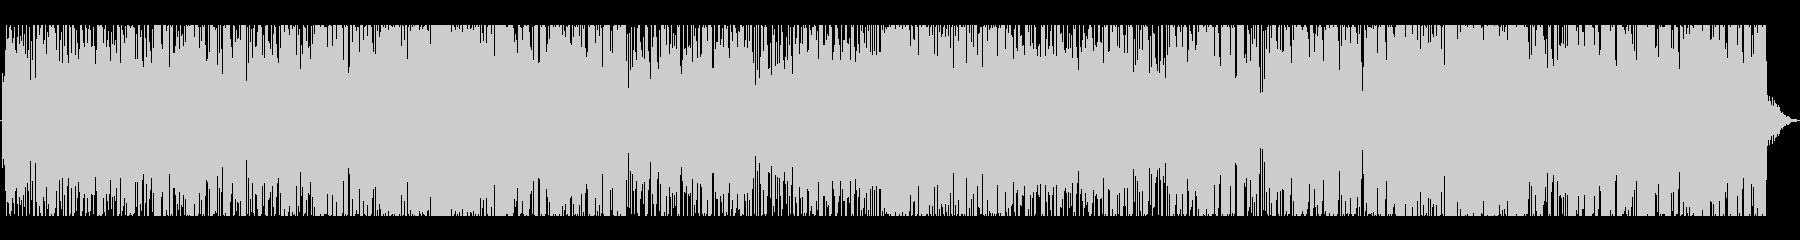 爽やかなクリーントーンギターフュージョンの未再生の波形